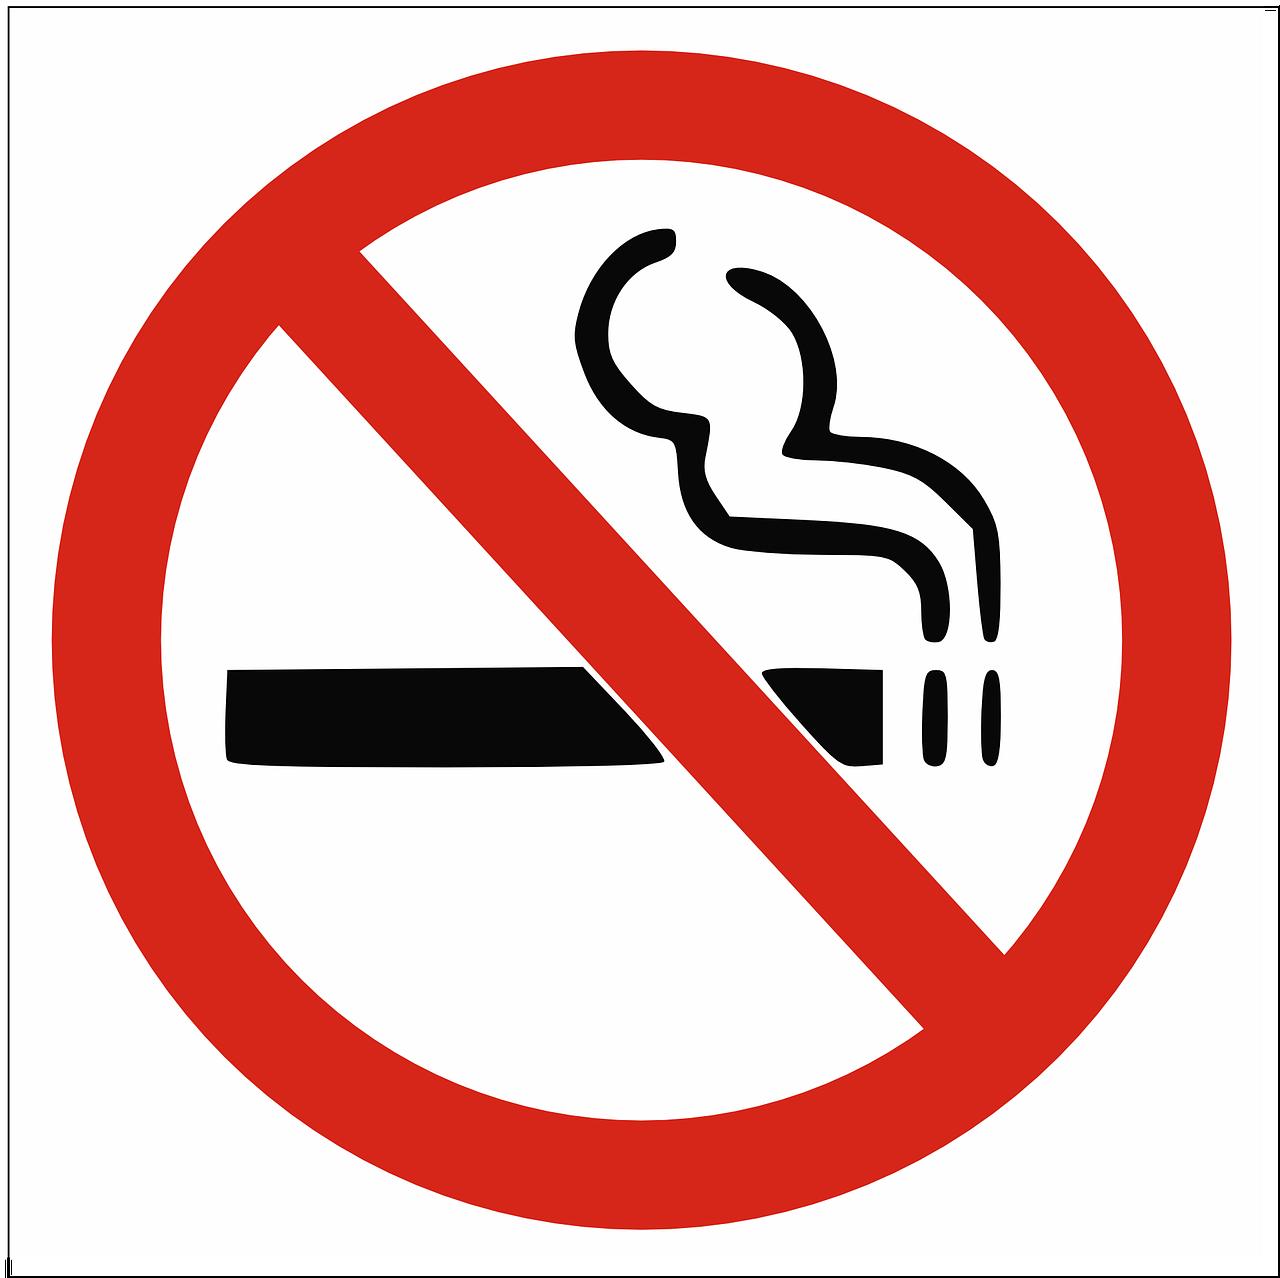 No Smoking, Logo, Symbols, Warning, Red, Black